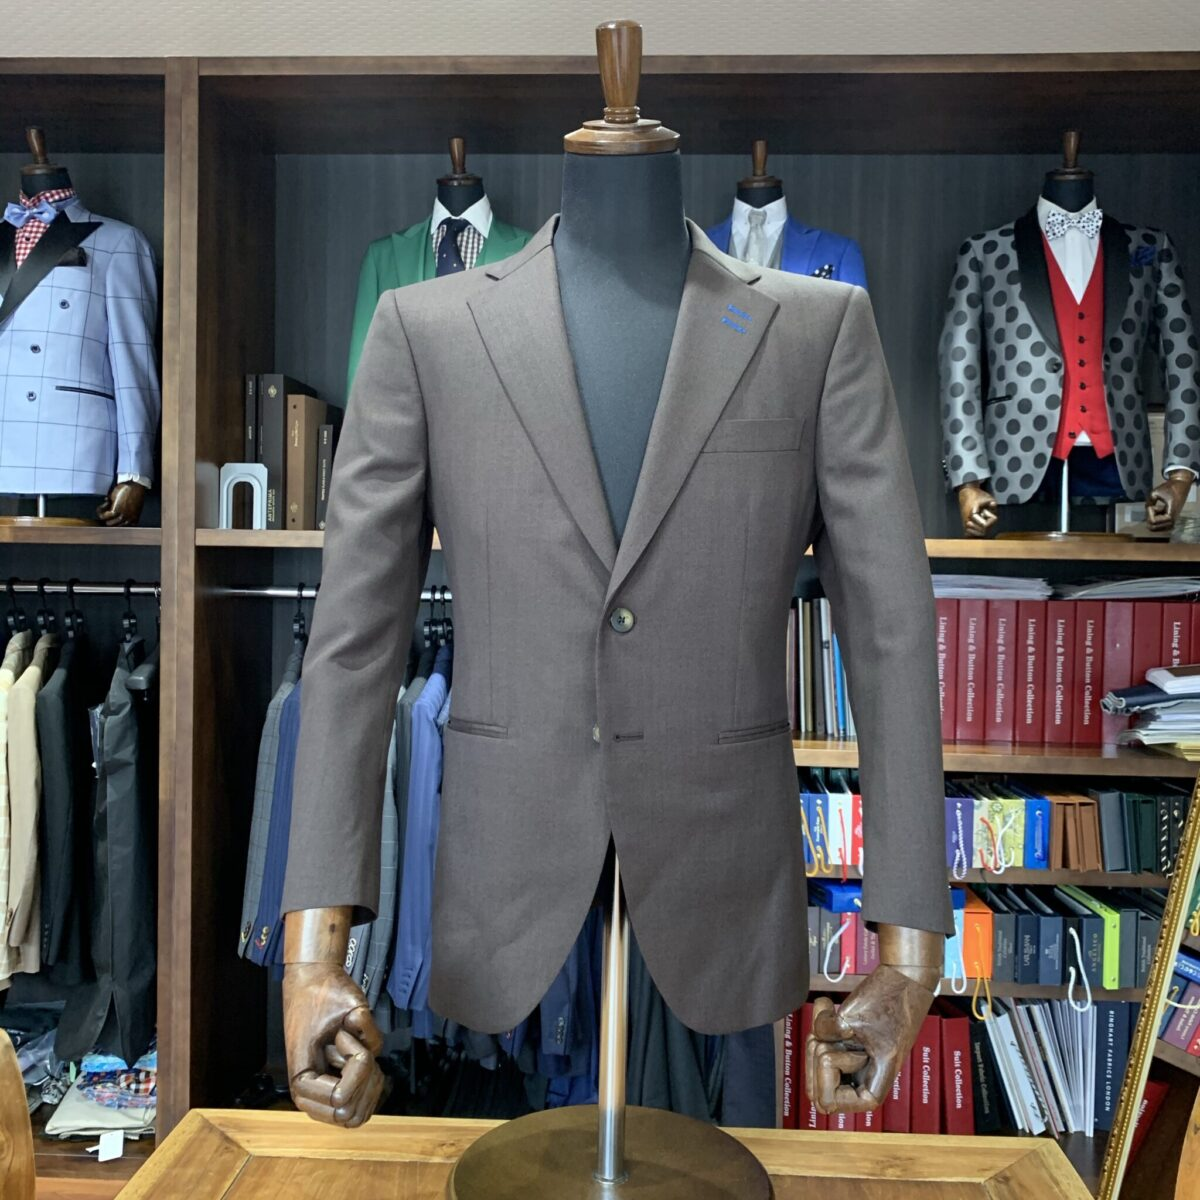 滋賀県高島市U様のオーダースーツを仕上げさせていただきました!